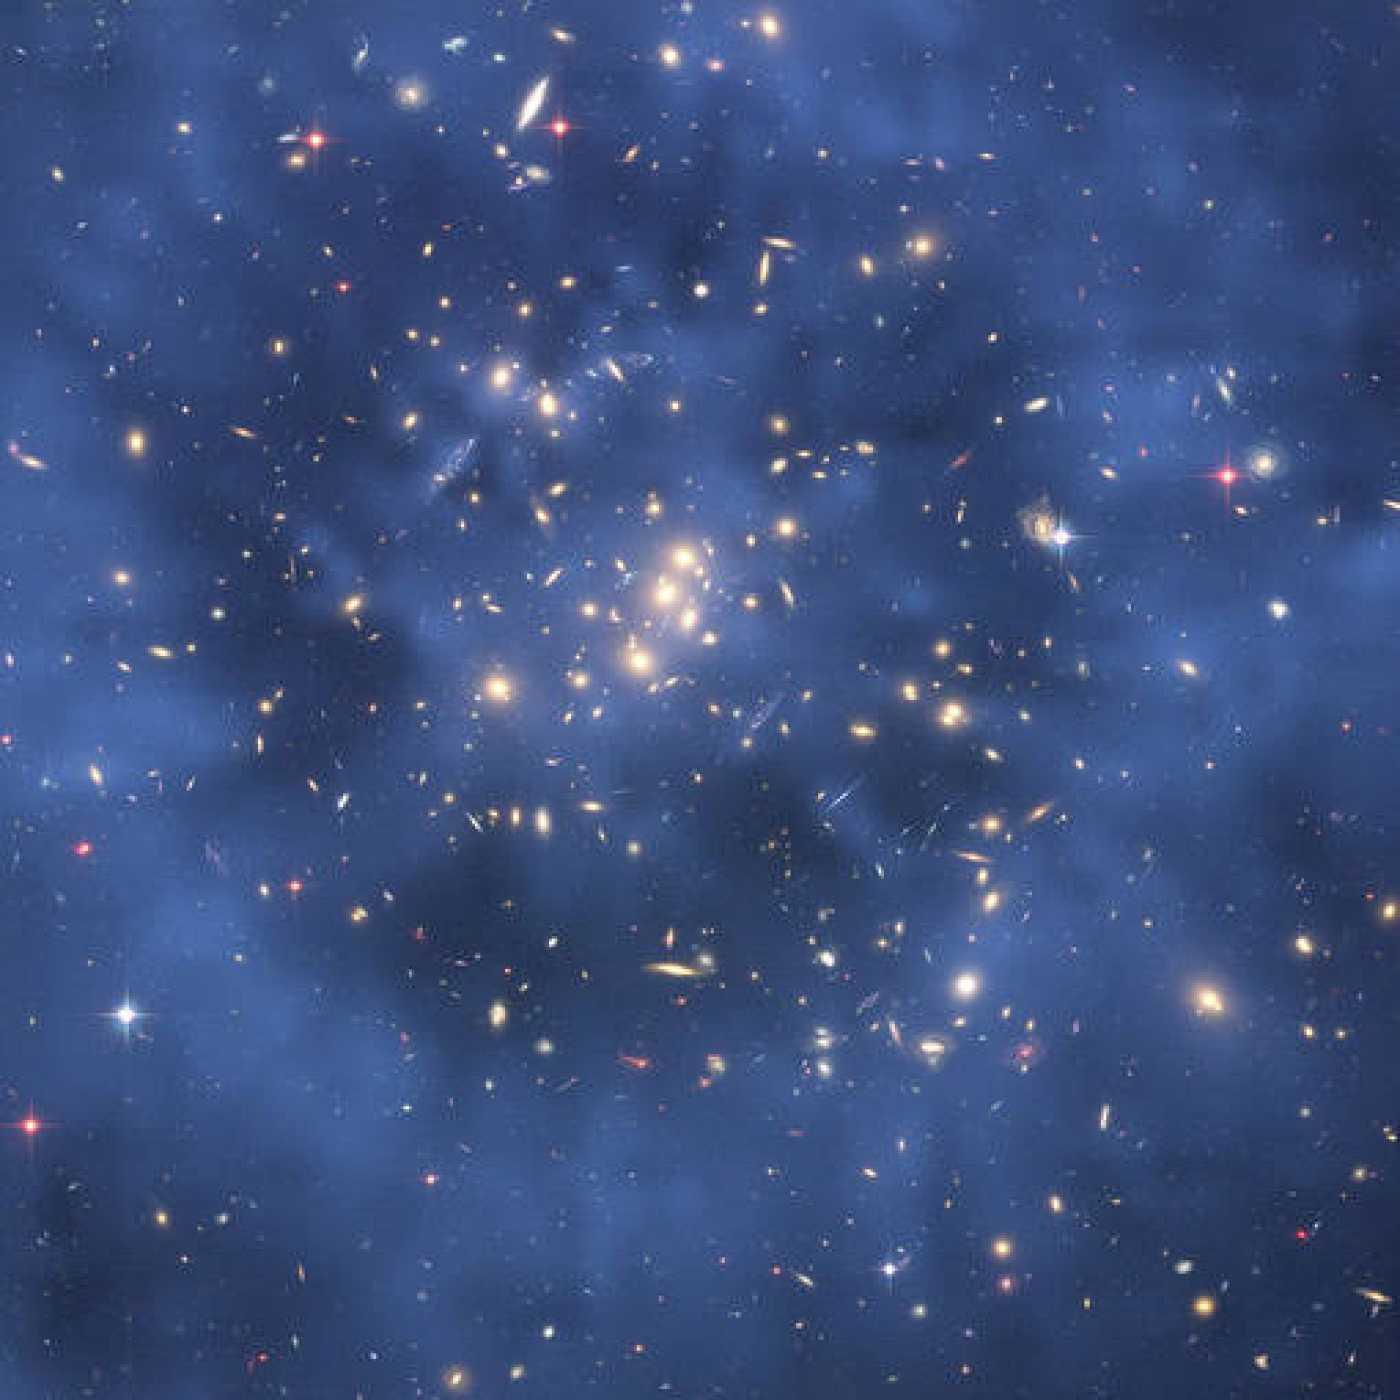 El cúmulo de galaxias CL0024+17, tomada por el telescopio espacial Hubble.